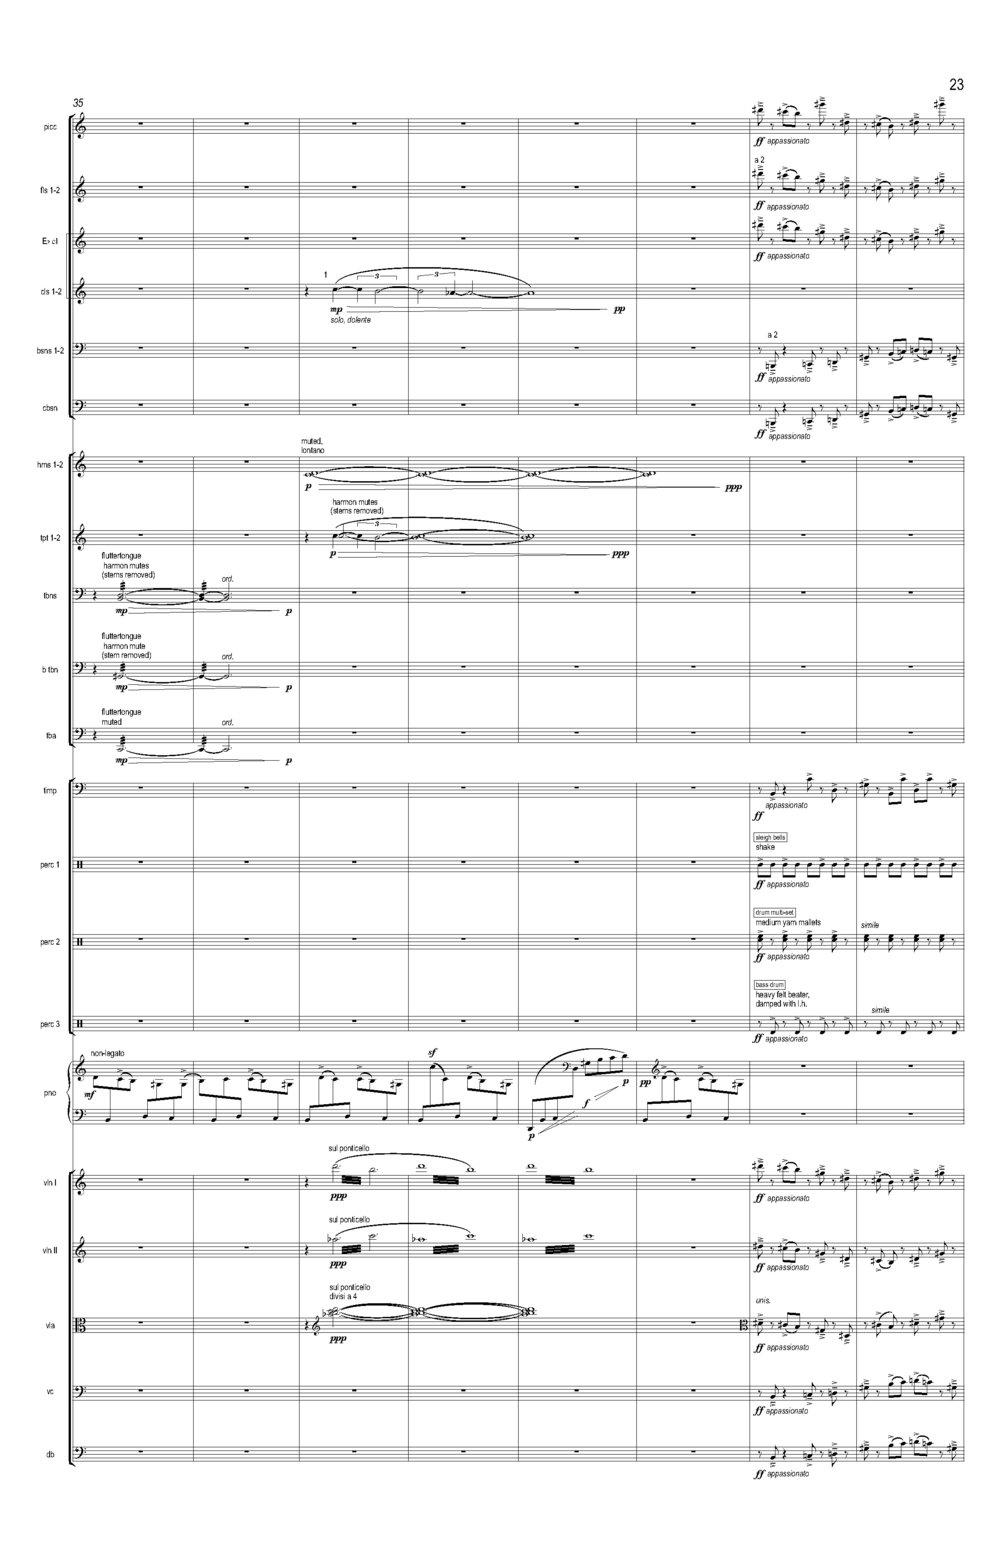 Ciach_Collective Uncommon REVISED_Full Score (Feb 2017)_Seite_29.jpg